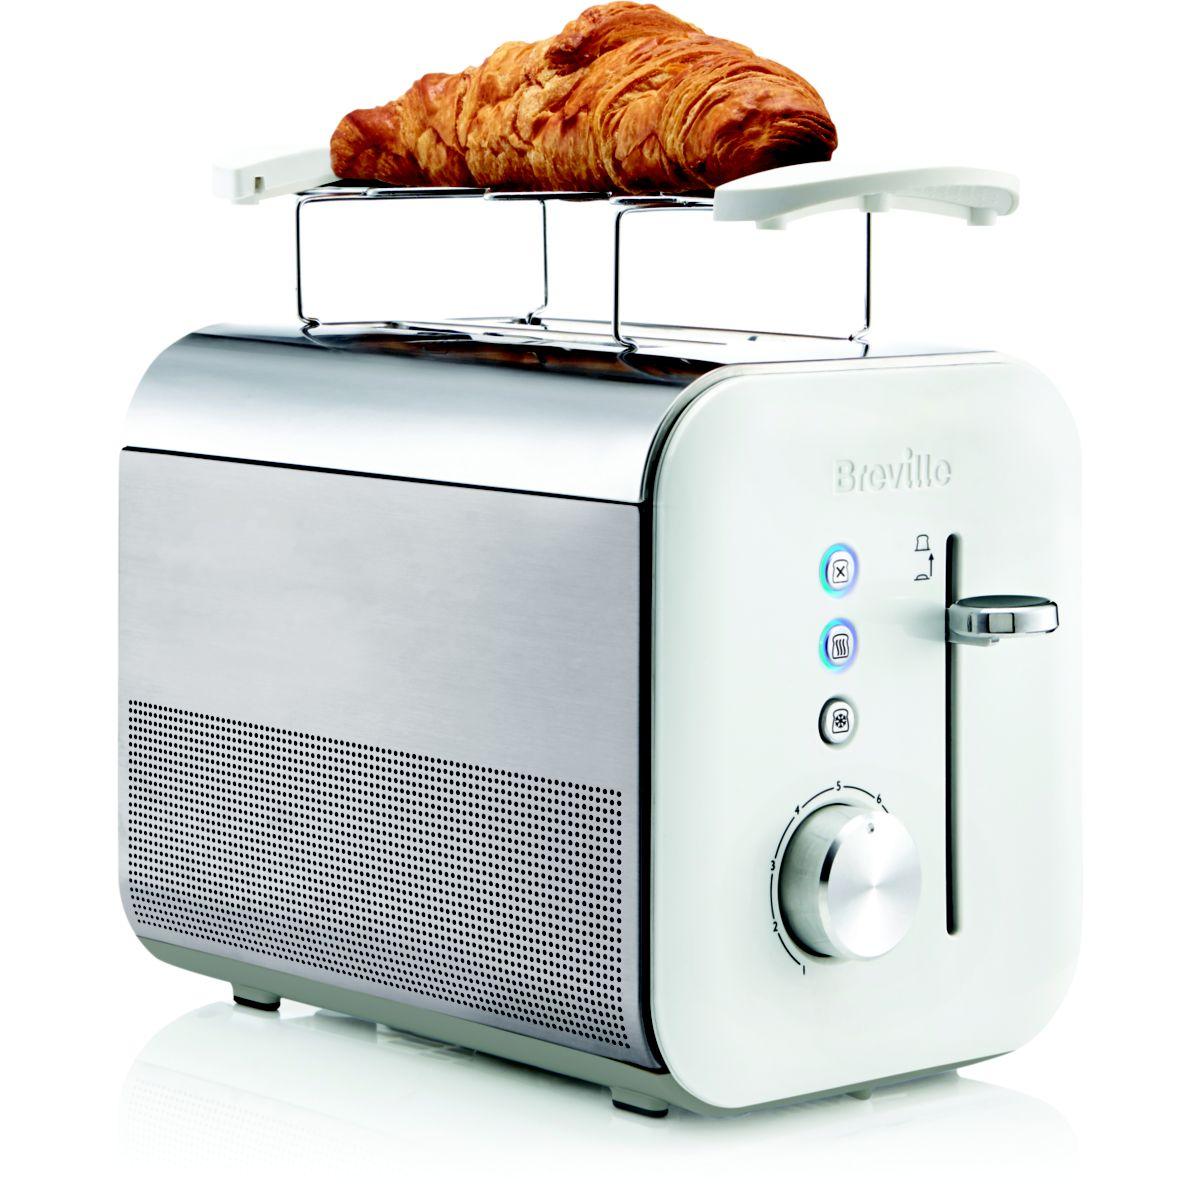 grille pain achat vente de grille pain pas cher. Black Bedroom Furniture Sets. Home Design Ideas